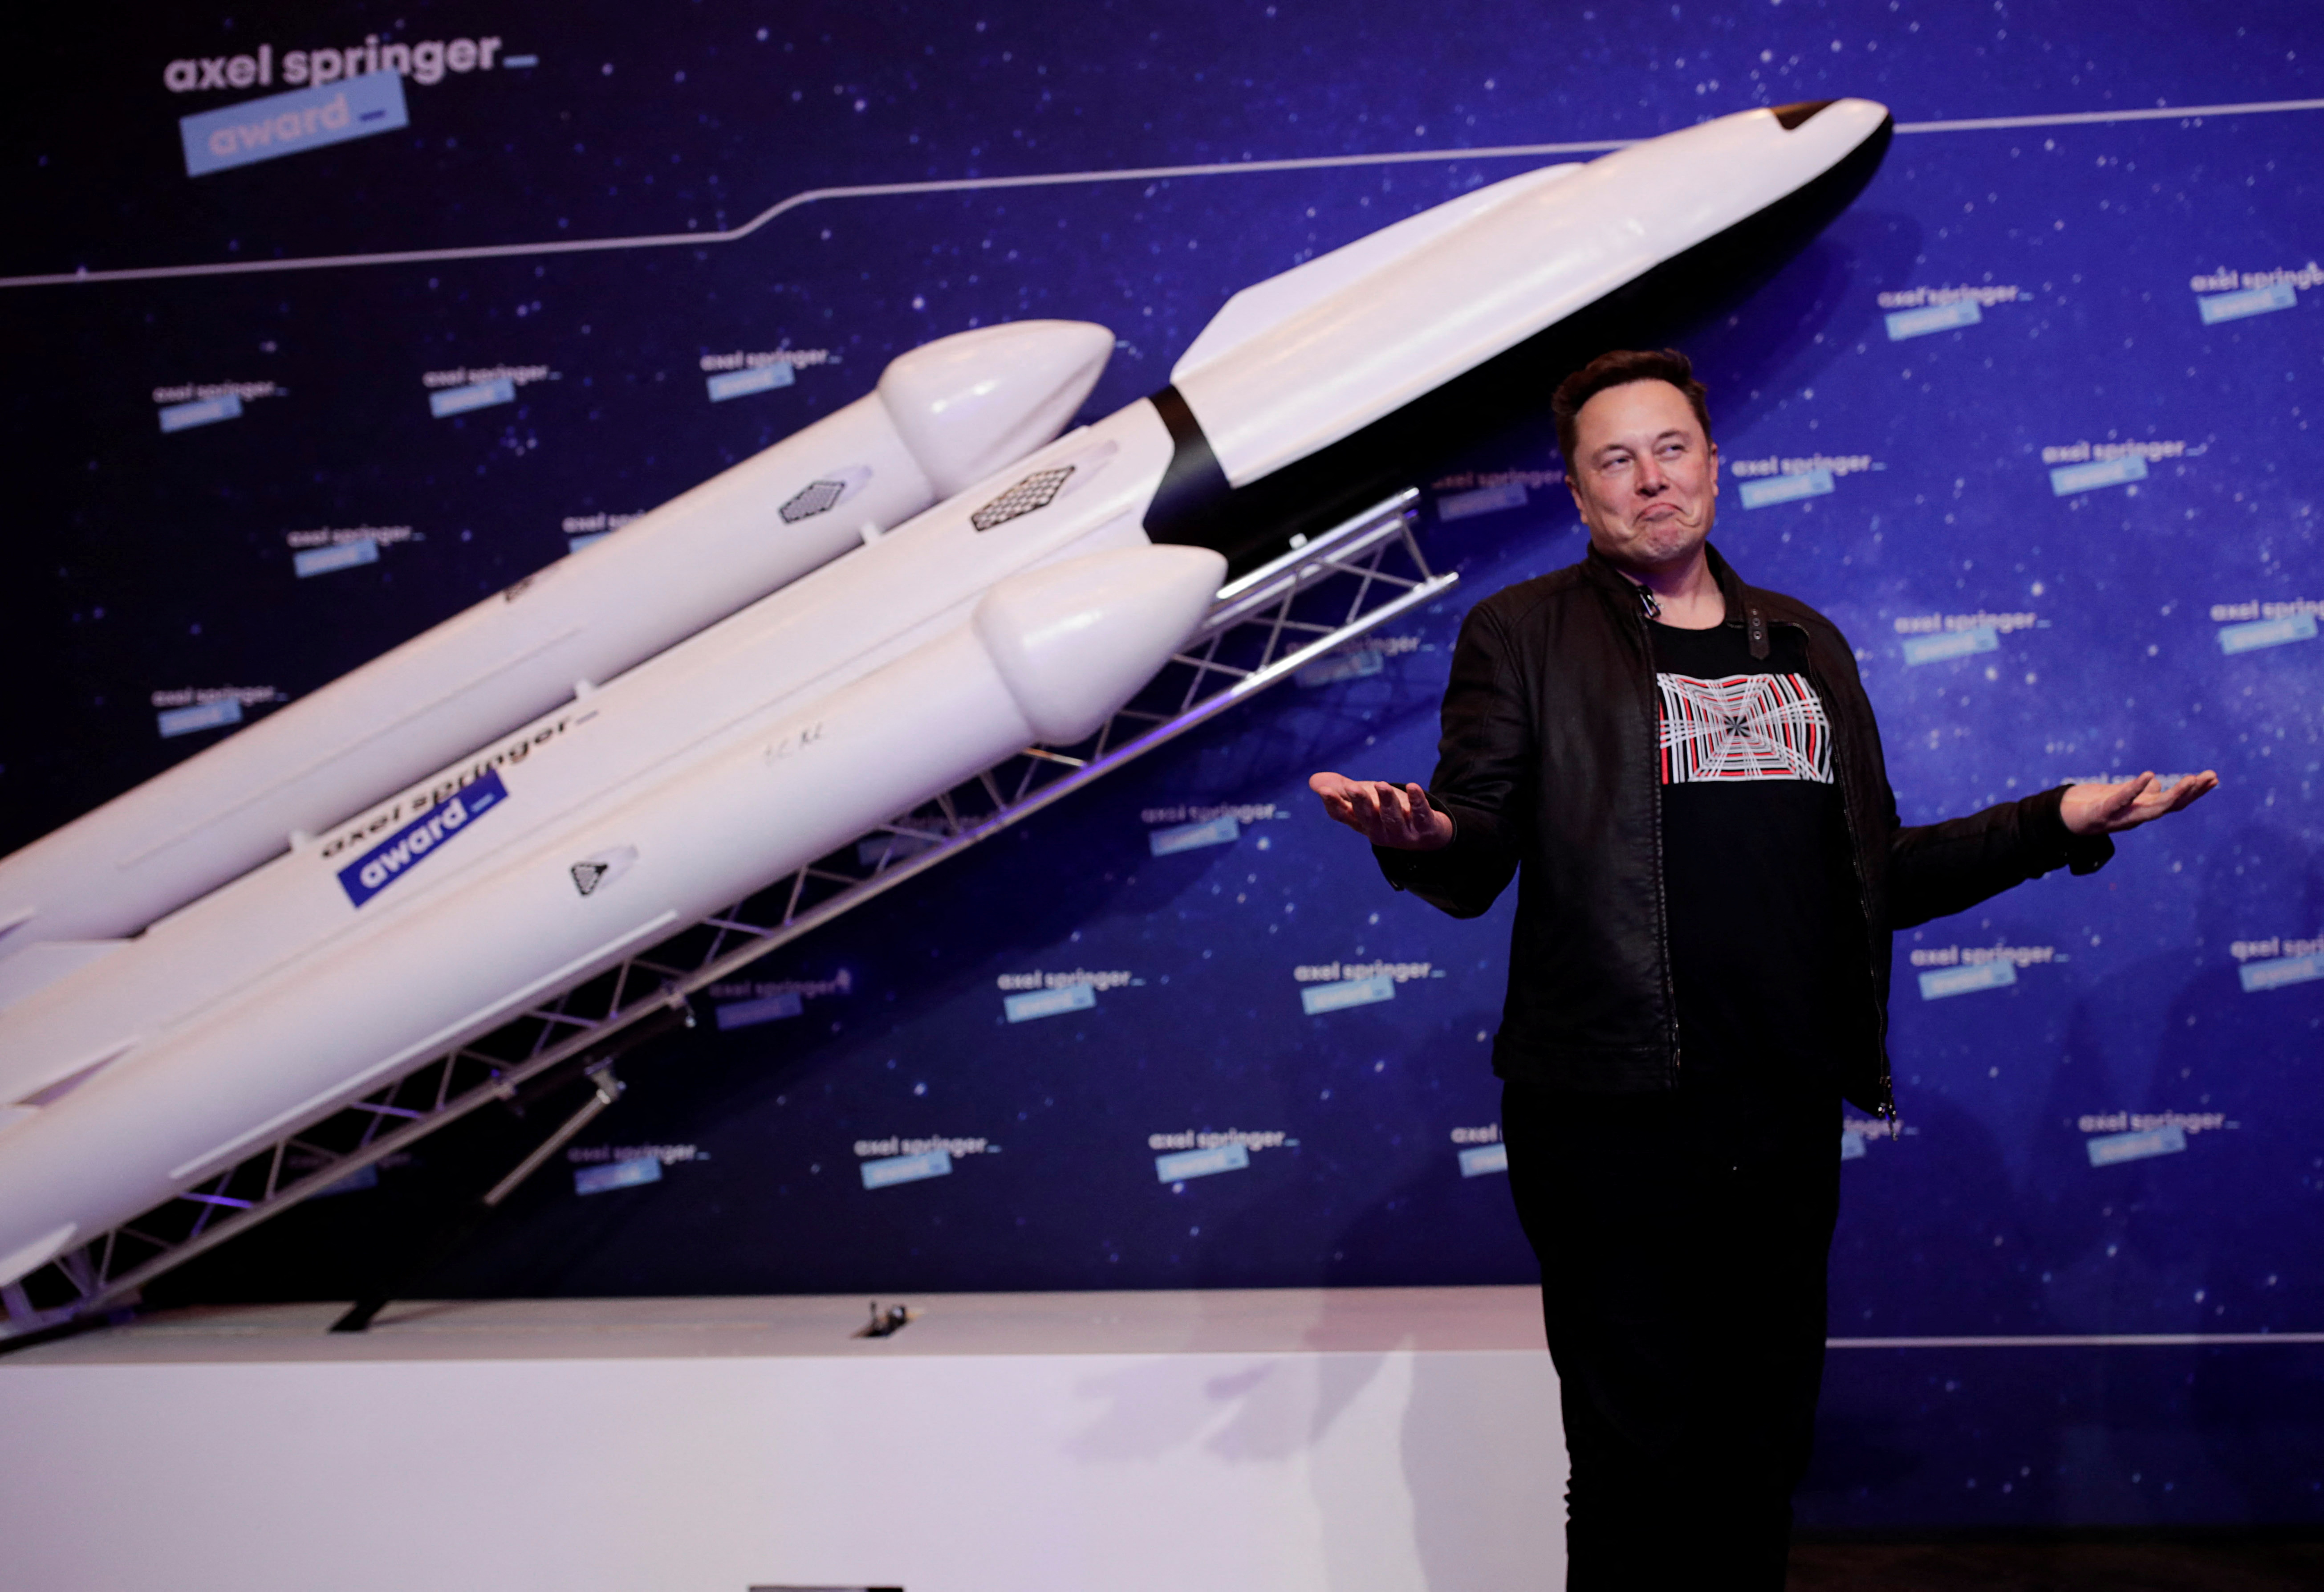 Állami milliárdokért megy az űrverseny Jeff Bezos és Elon Musk között